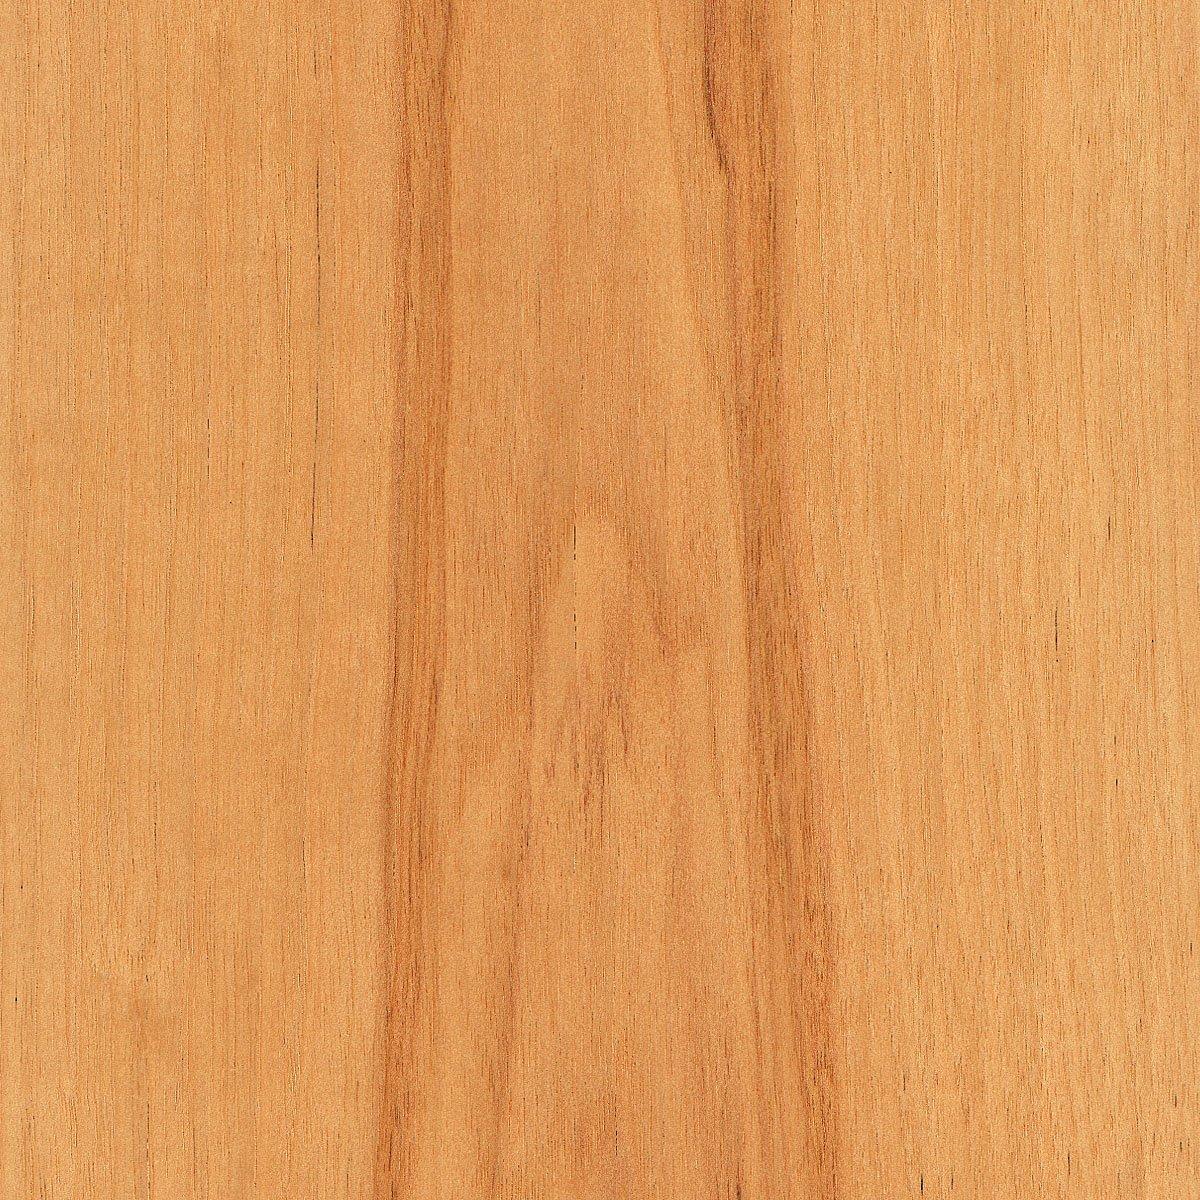 """Hickory Pecan wood veneer edgebanding 7//8/"""" x 250/' feet fleece back with adhesive"""